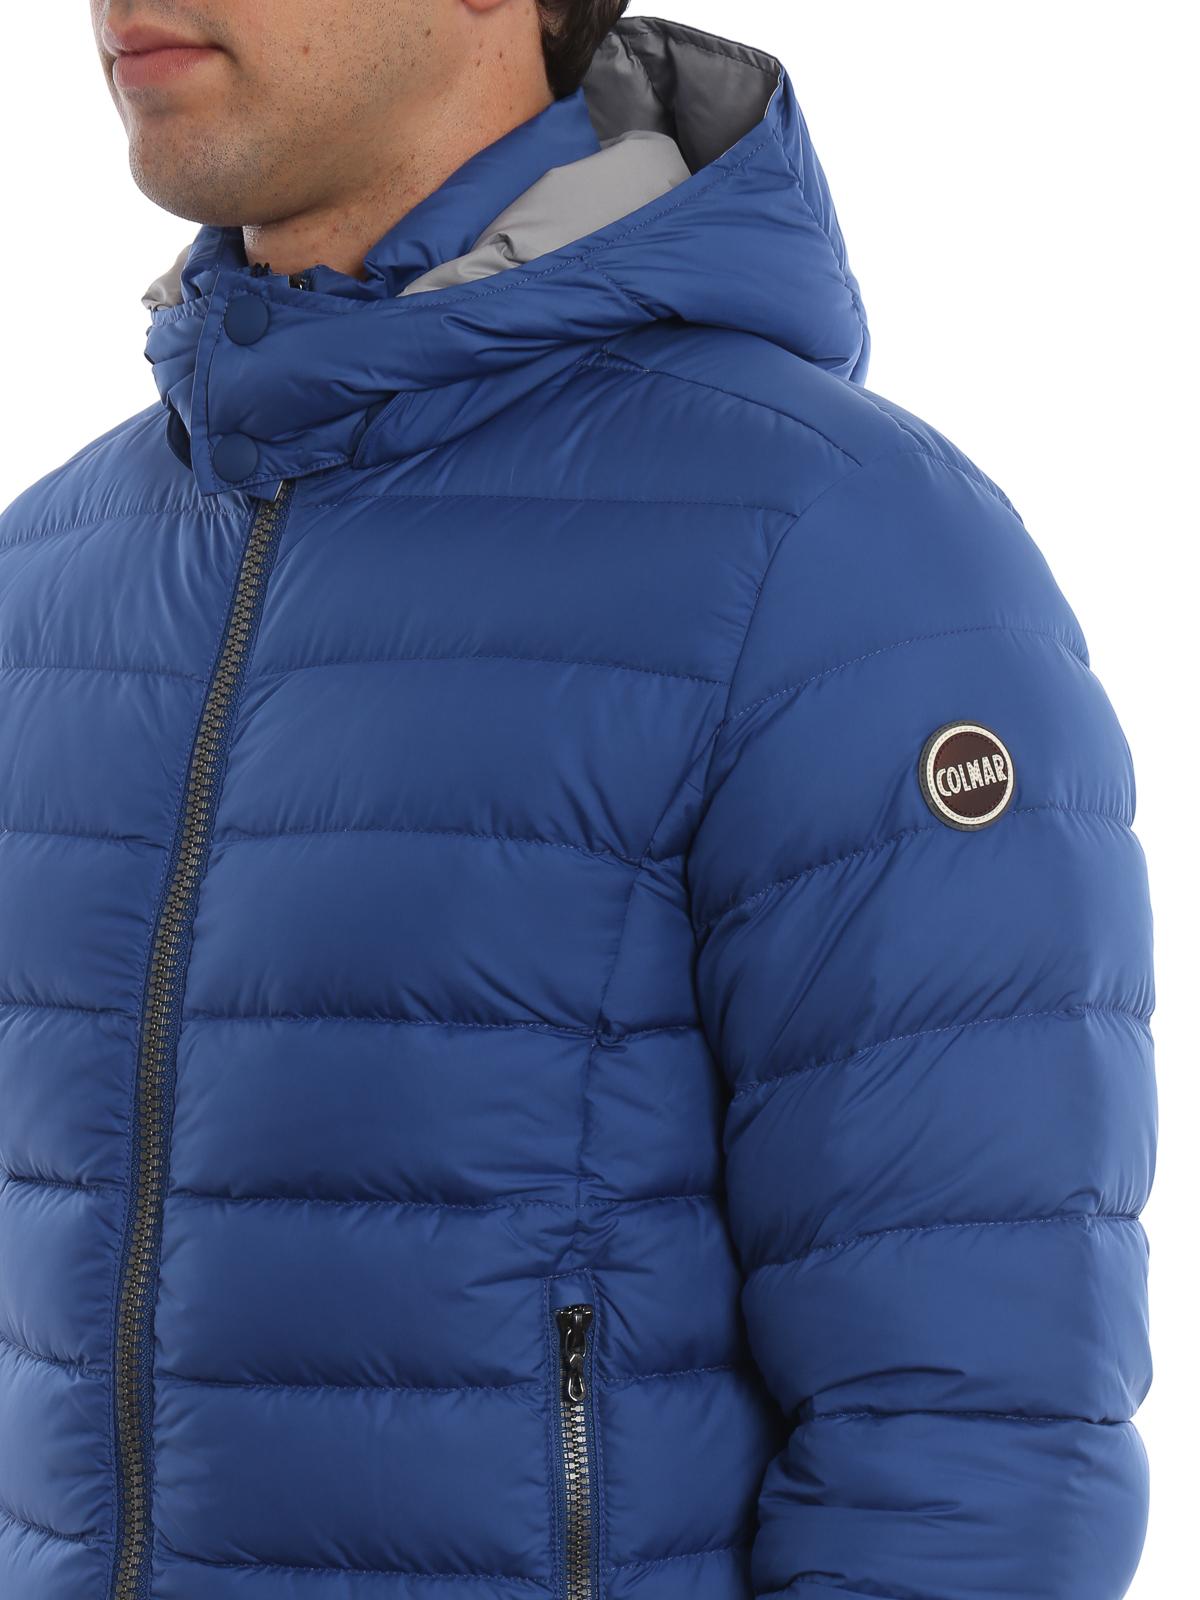 low priced 2cfd3 e6eaf Colmar Originals - Piumino con cappuccio Empire blu ...